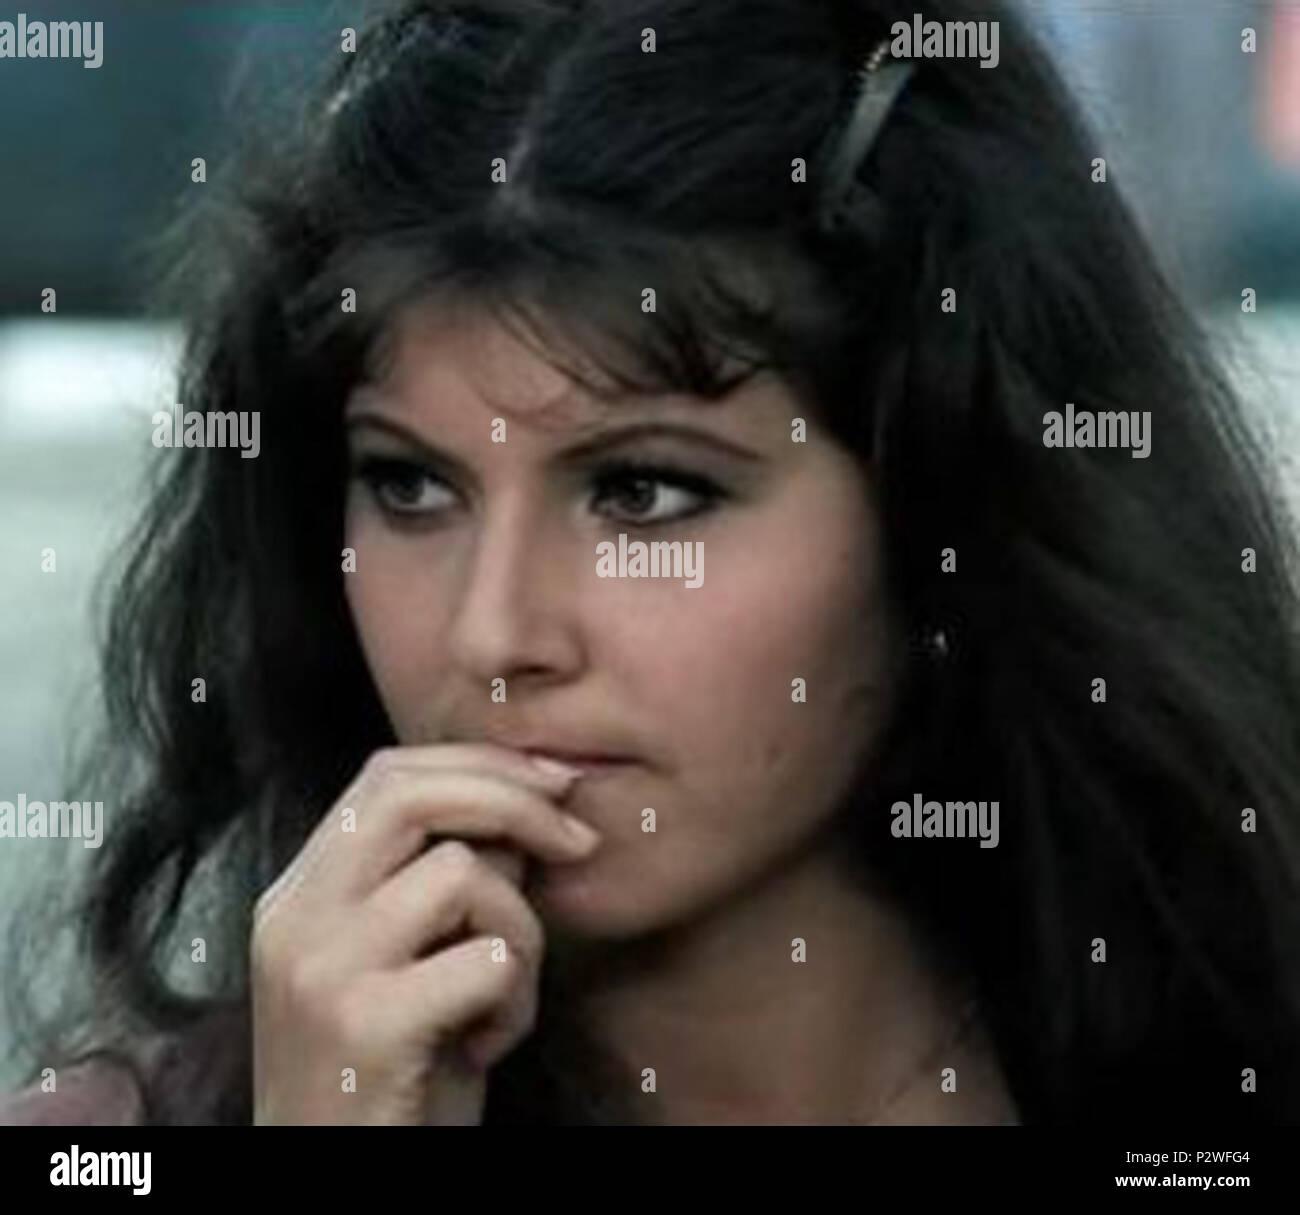 . Italiano: Claudia Mori in Yuppi du (1975) English: Claudia Mori in Yuppi du (1975). 1975. The original uploader was Bultro at Italian . 19 Claudia Mori in Yuppi du - Stock Image